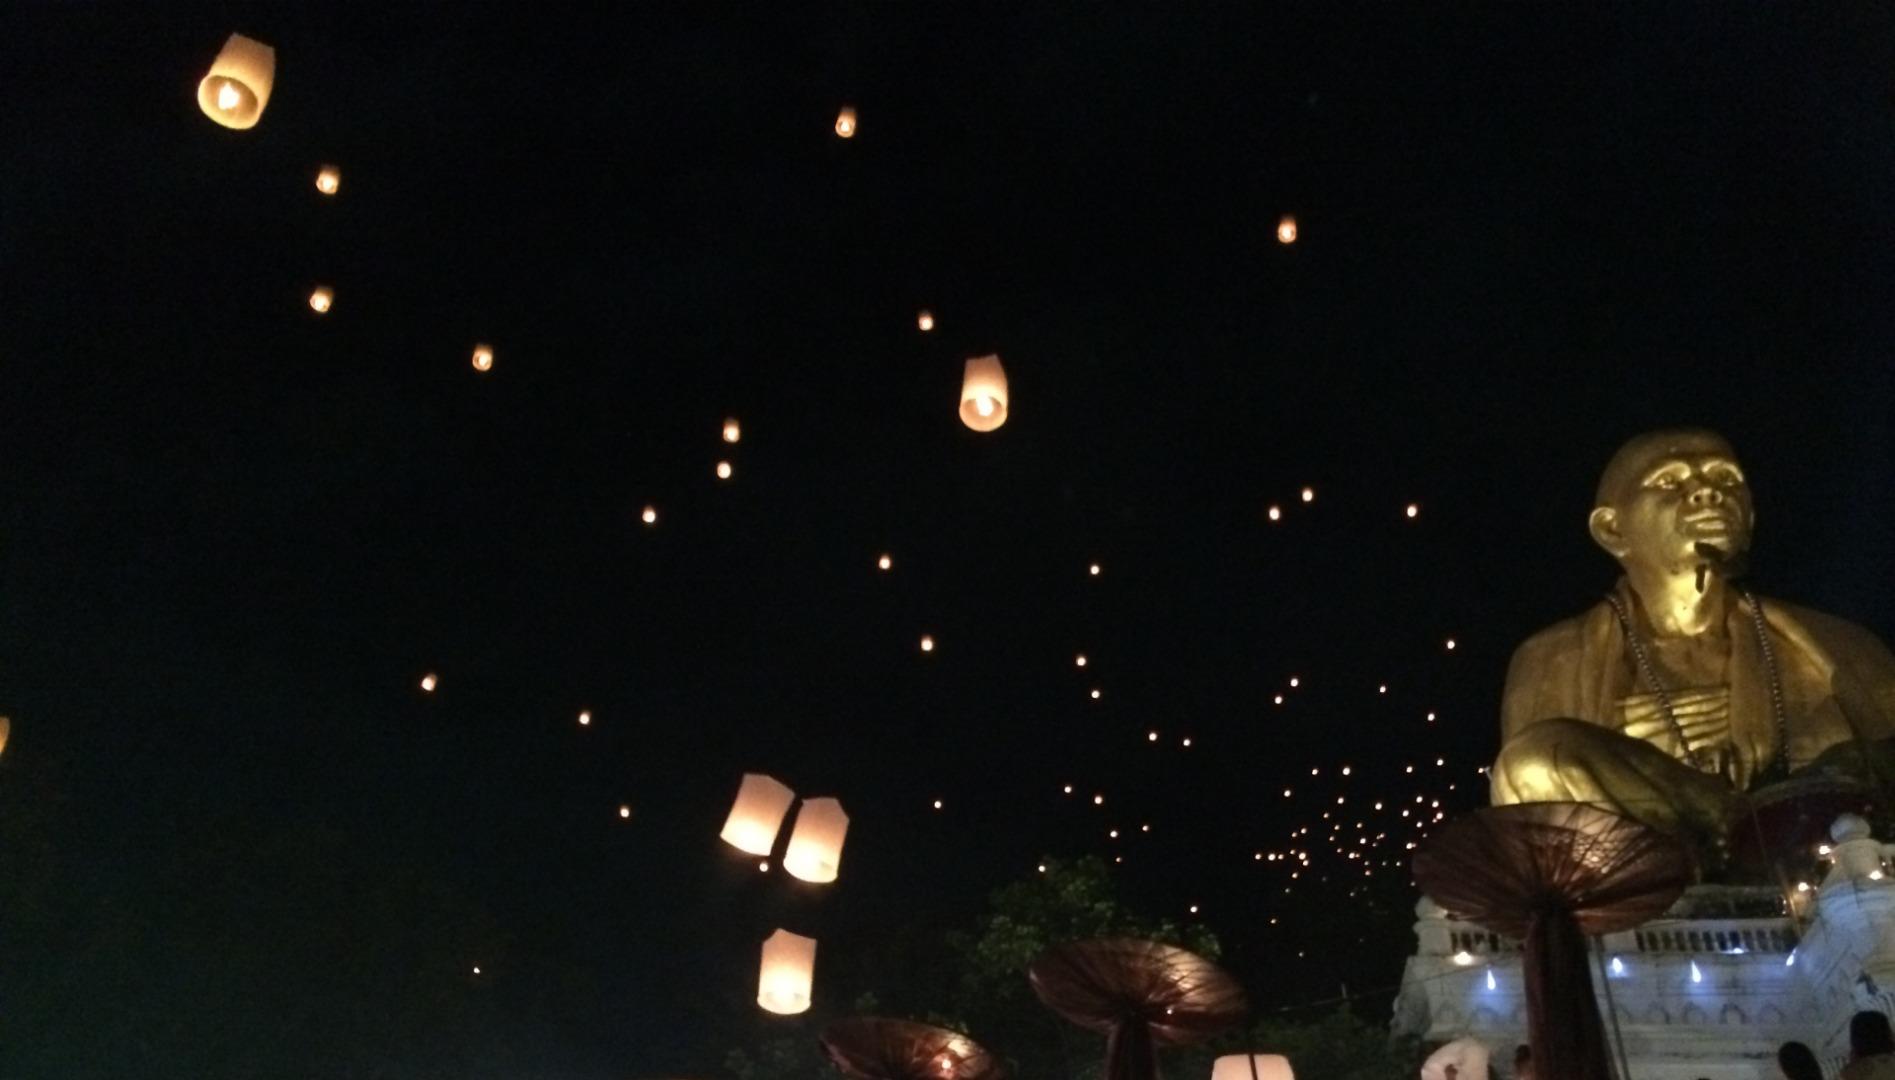 イーペン祭り(コムローイ祭り)